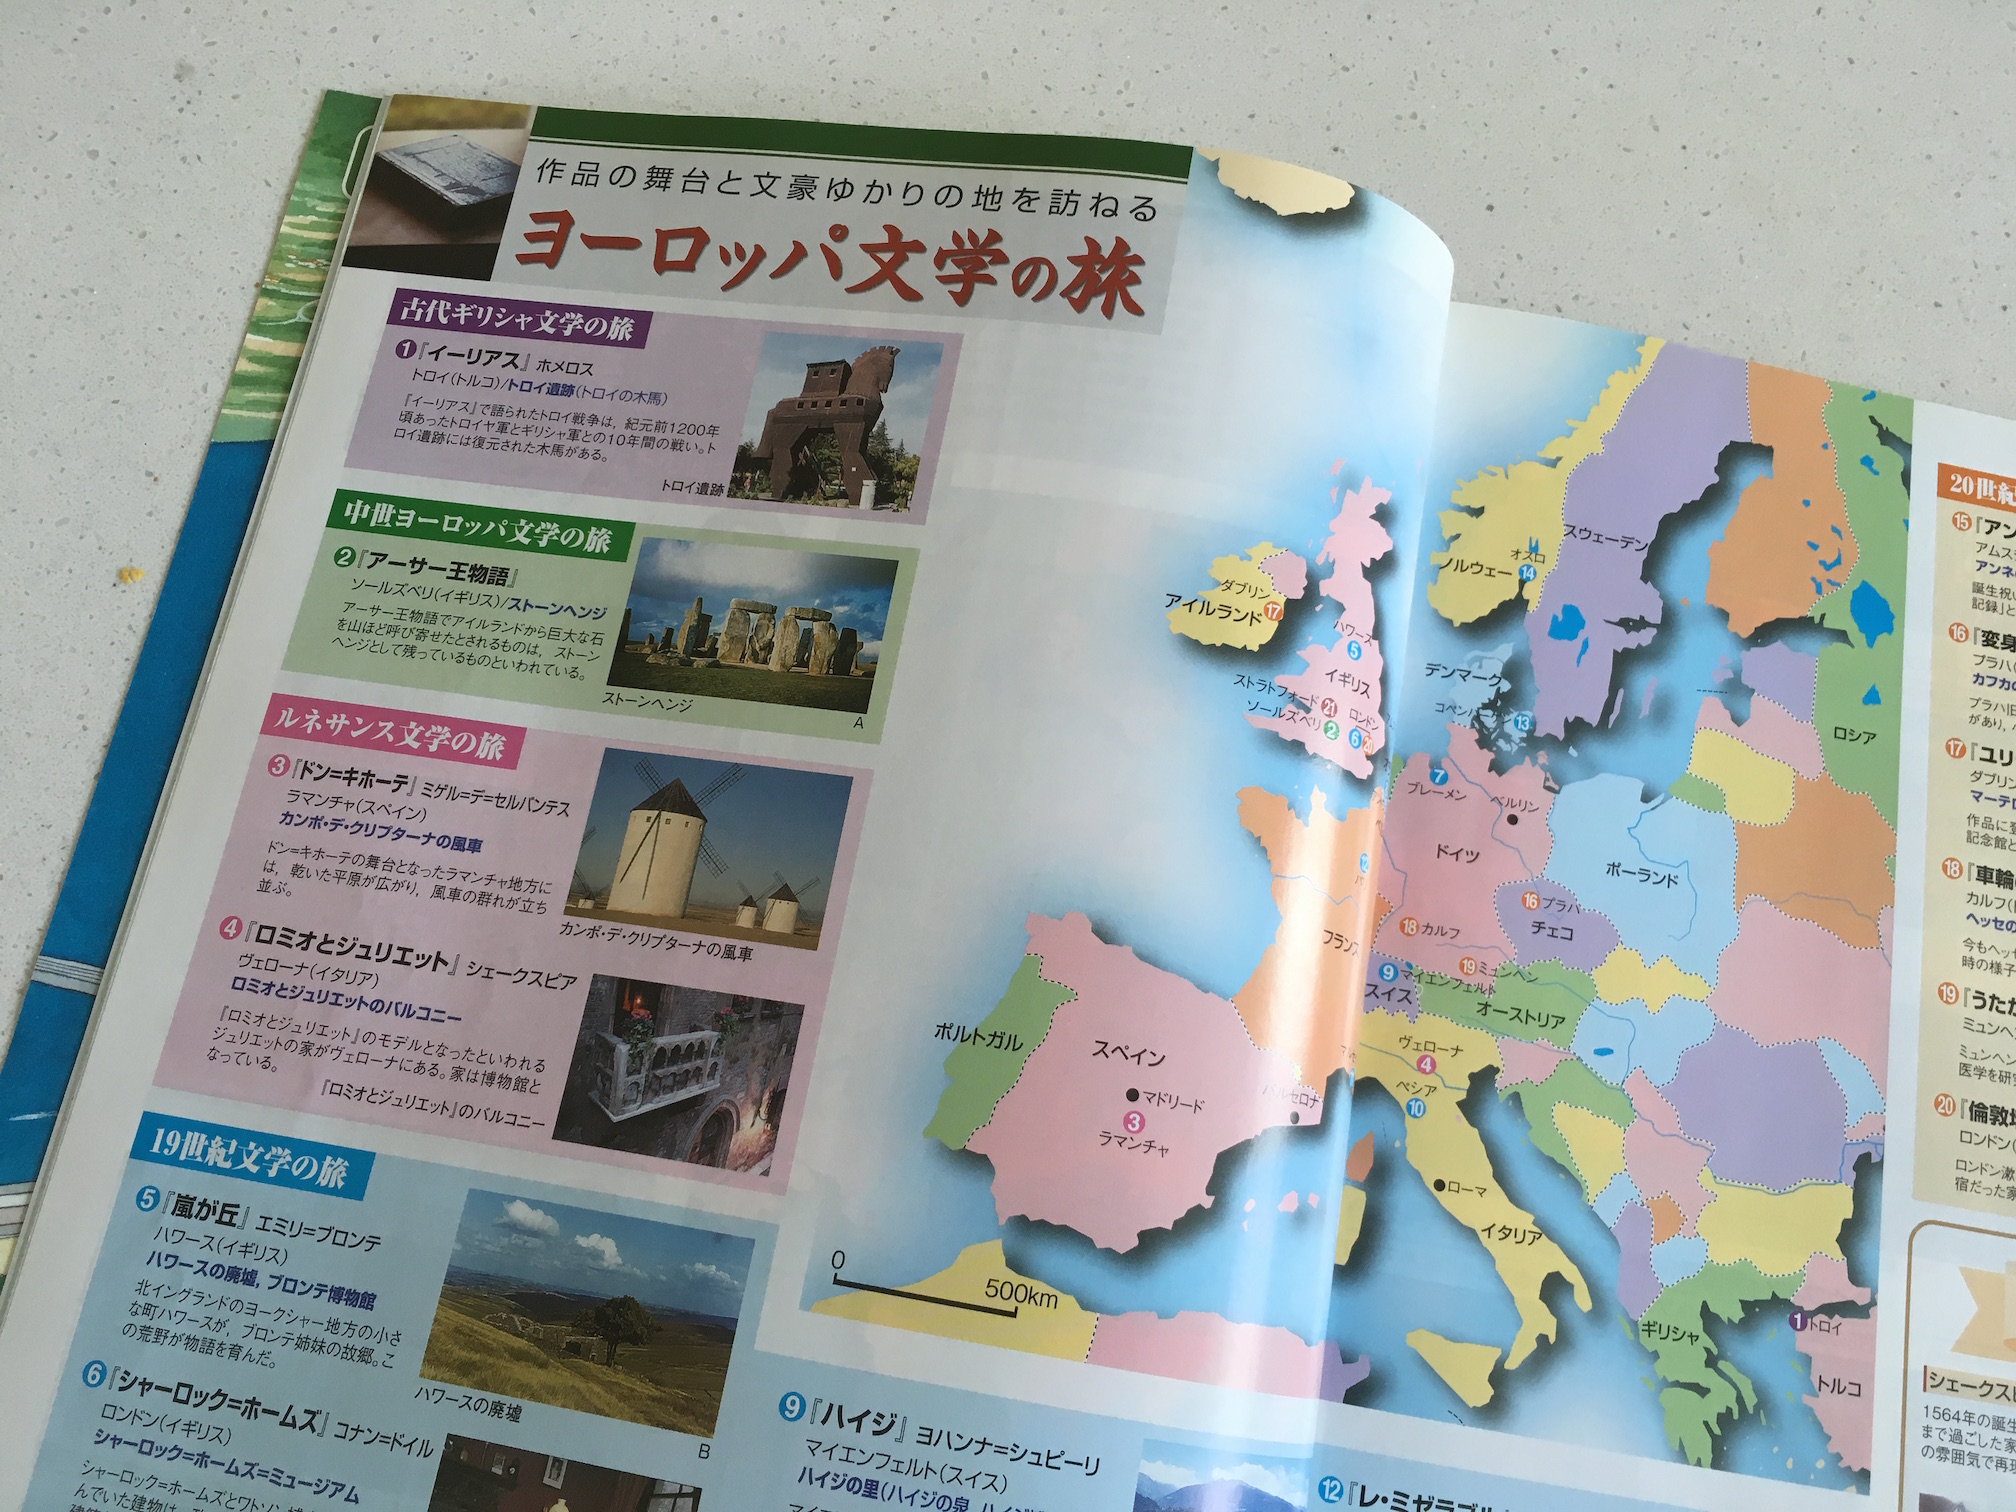 旅に出たくなる地図